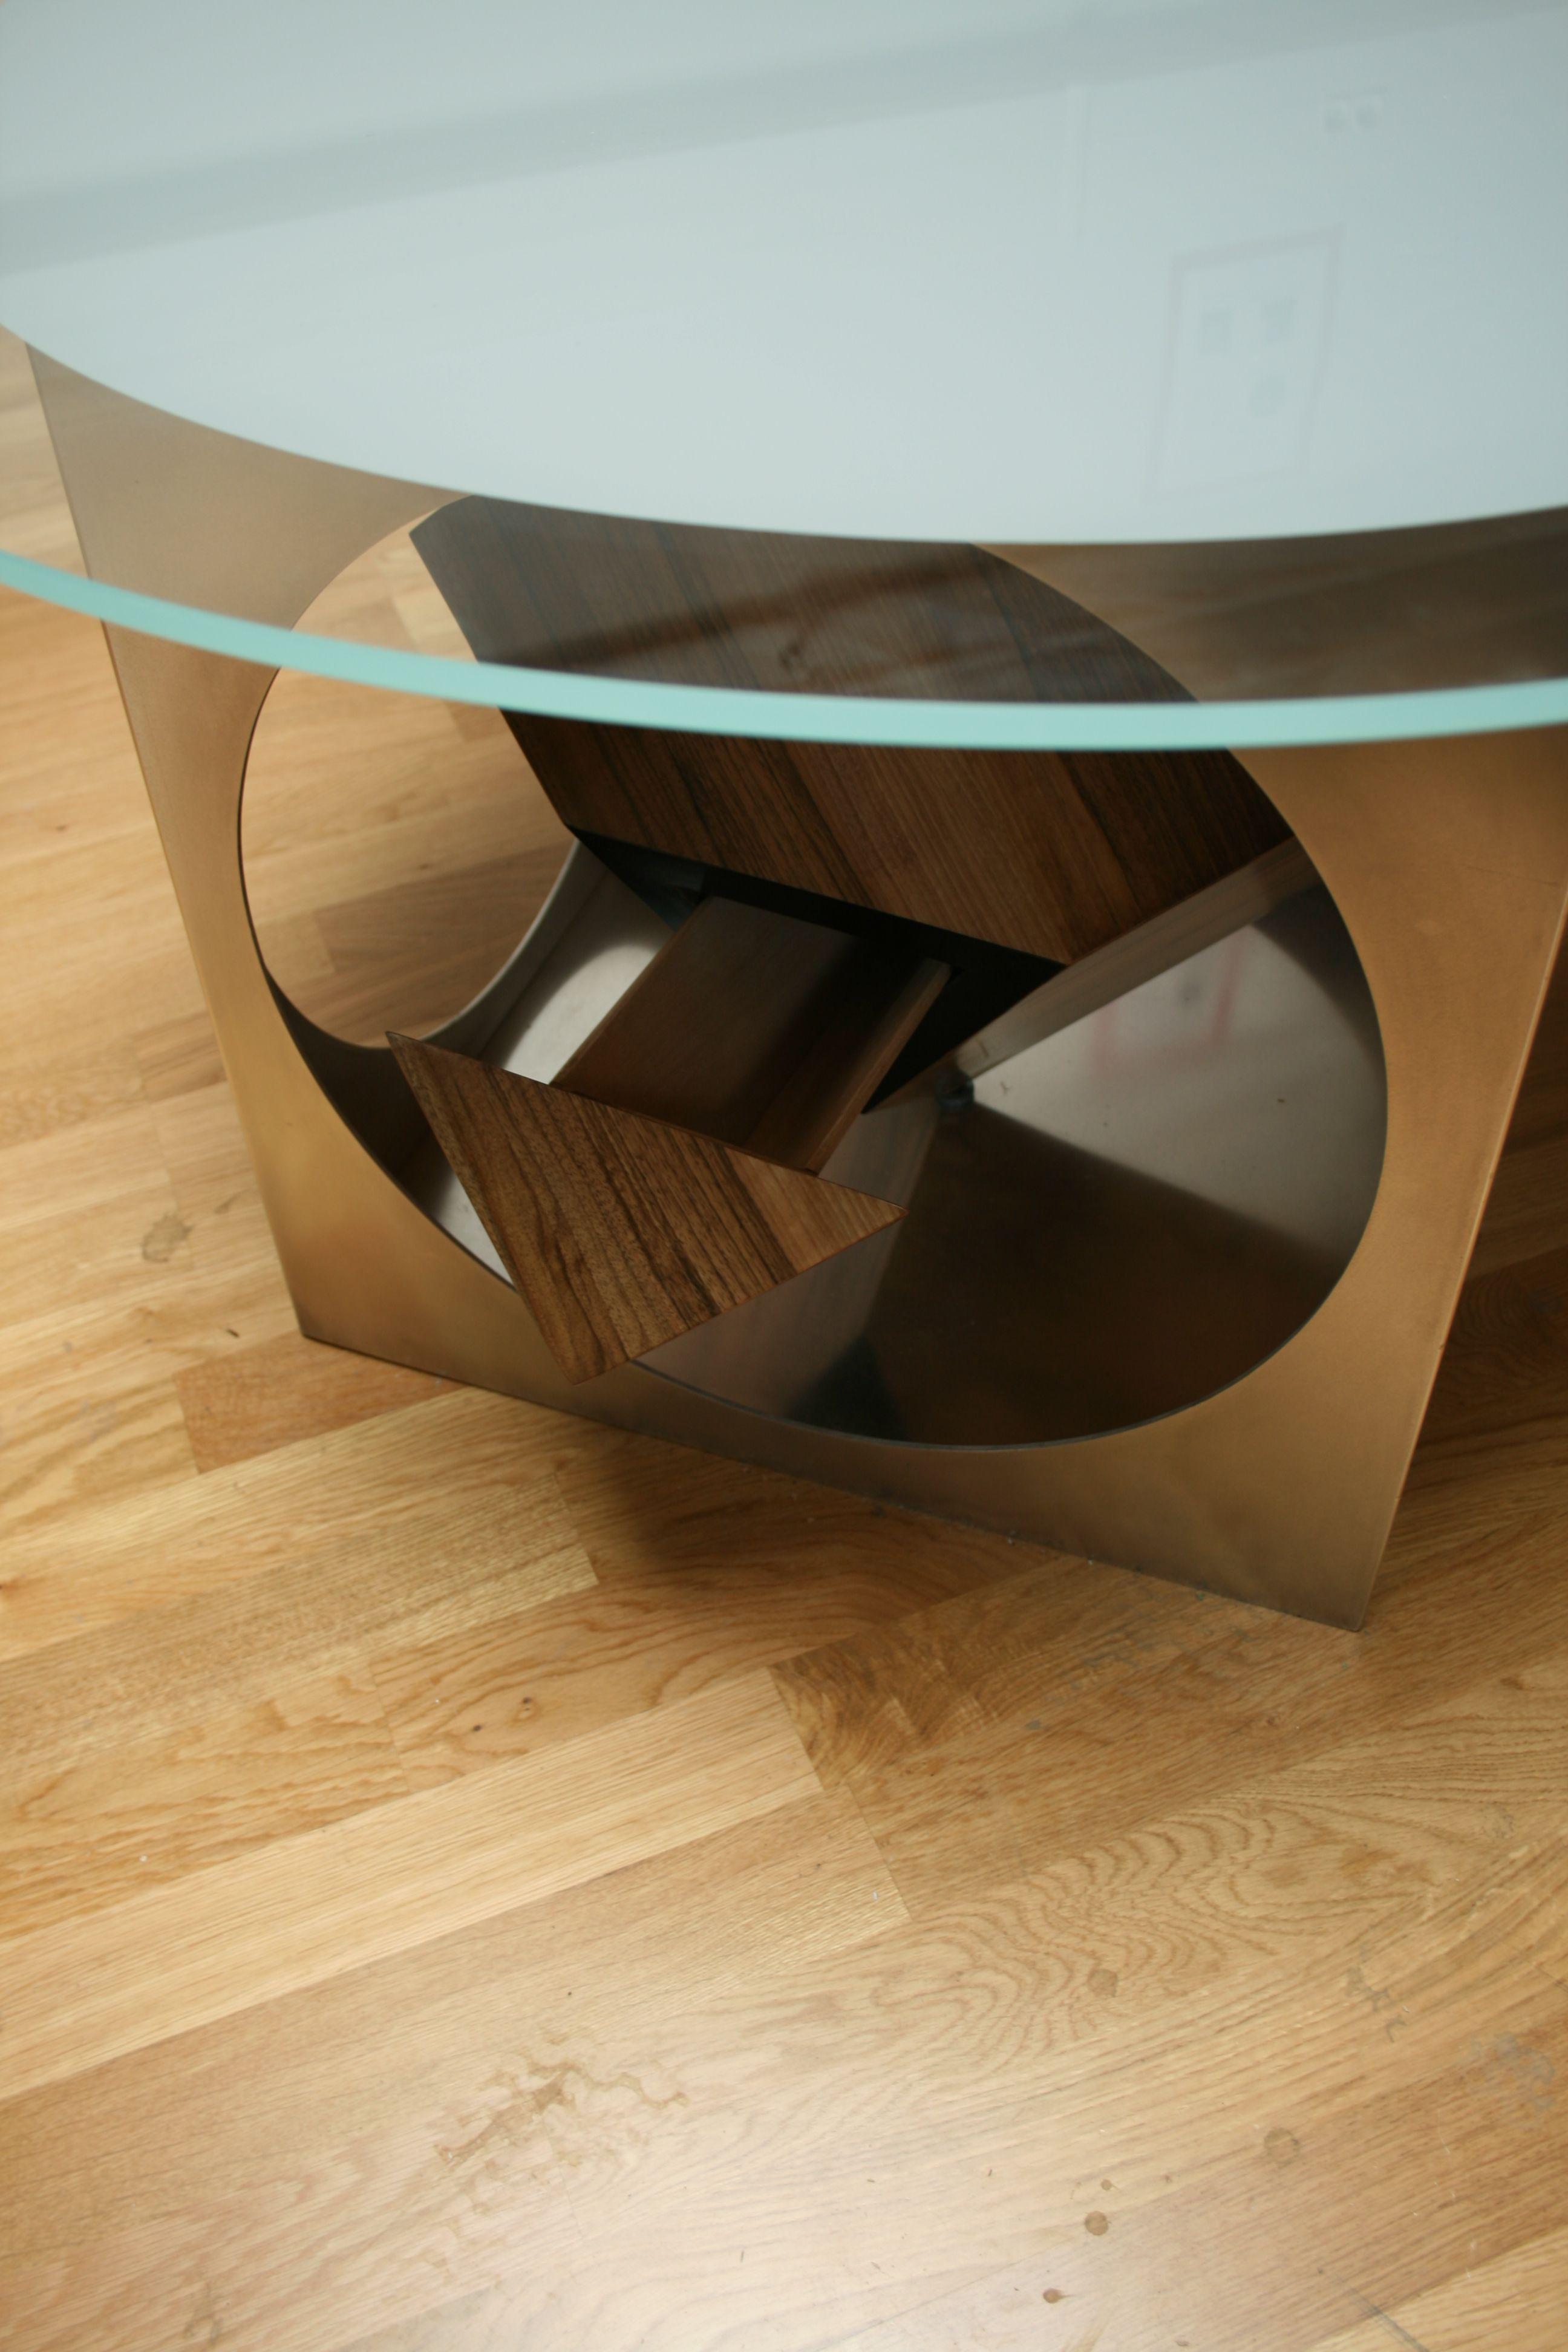 0d36c9b5b750fb9716ead56bc75b35b2 Unique De Table Basse Noyer Design Concept